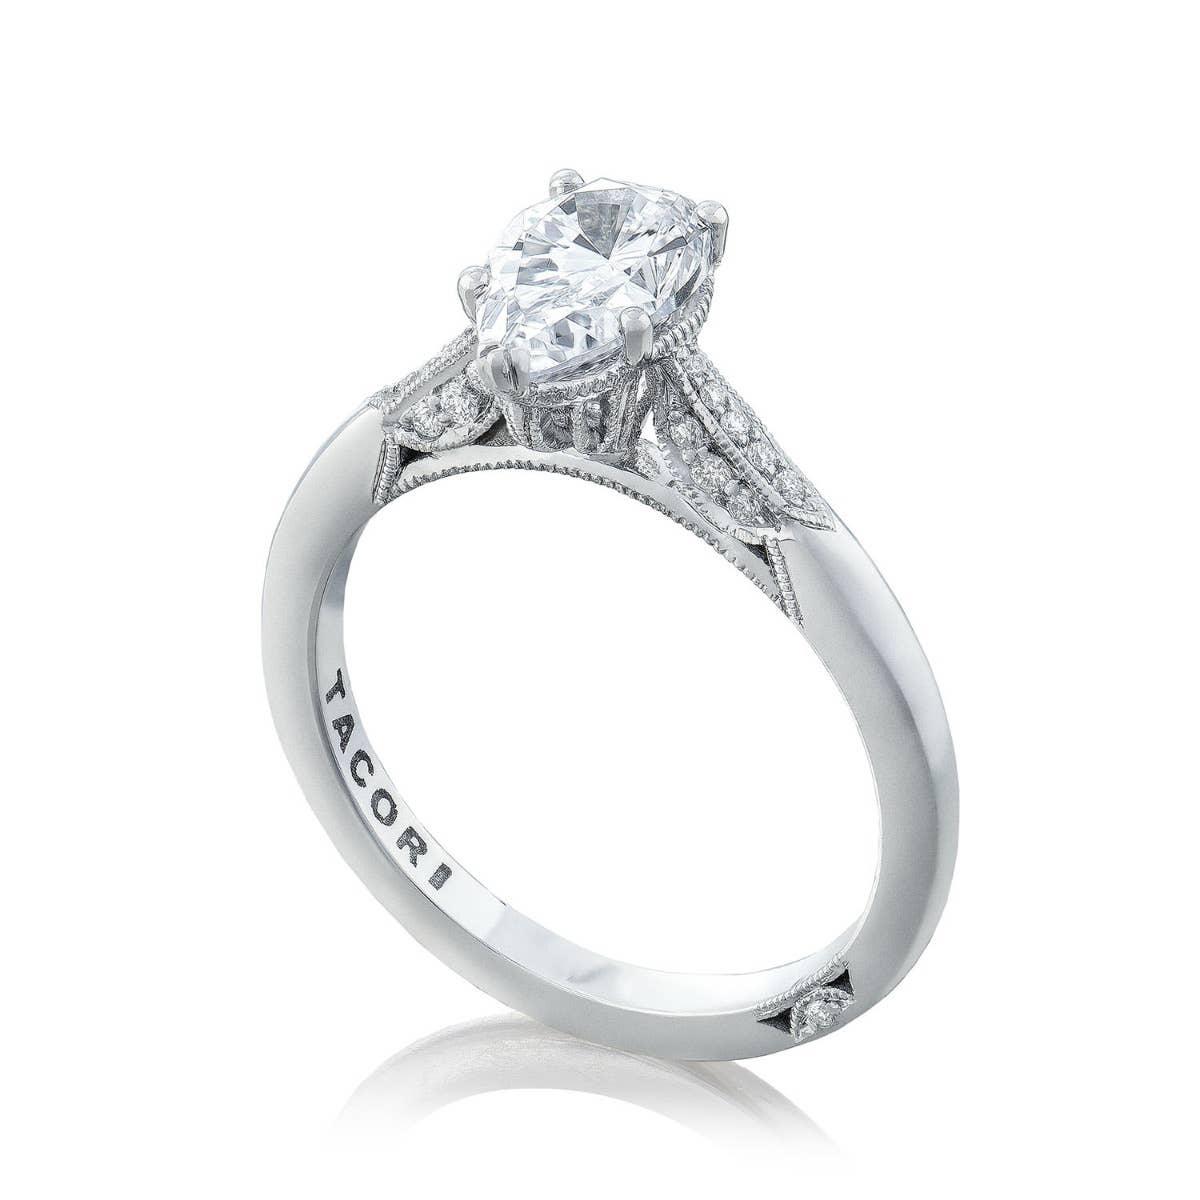 Tacori Engagement Rings - 2651ps